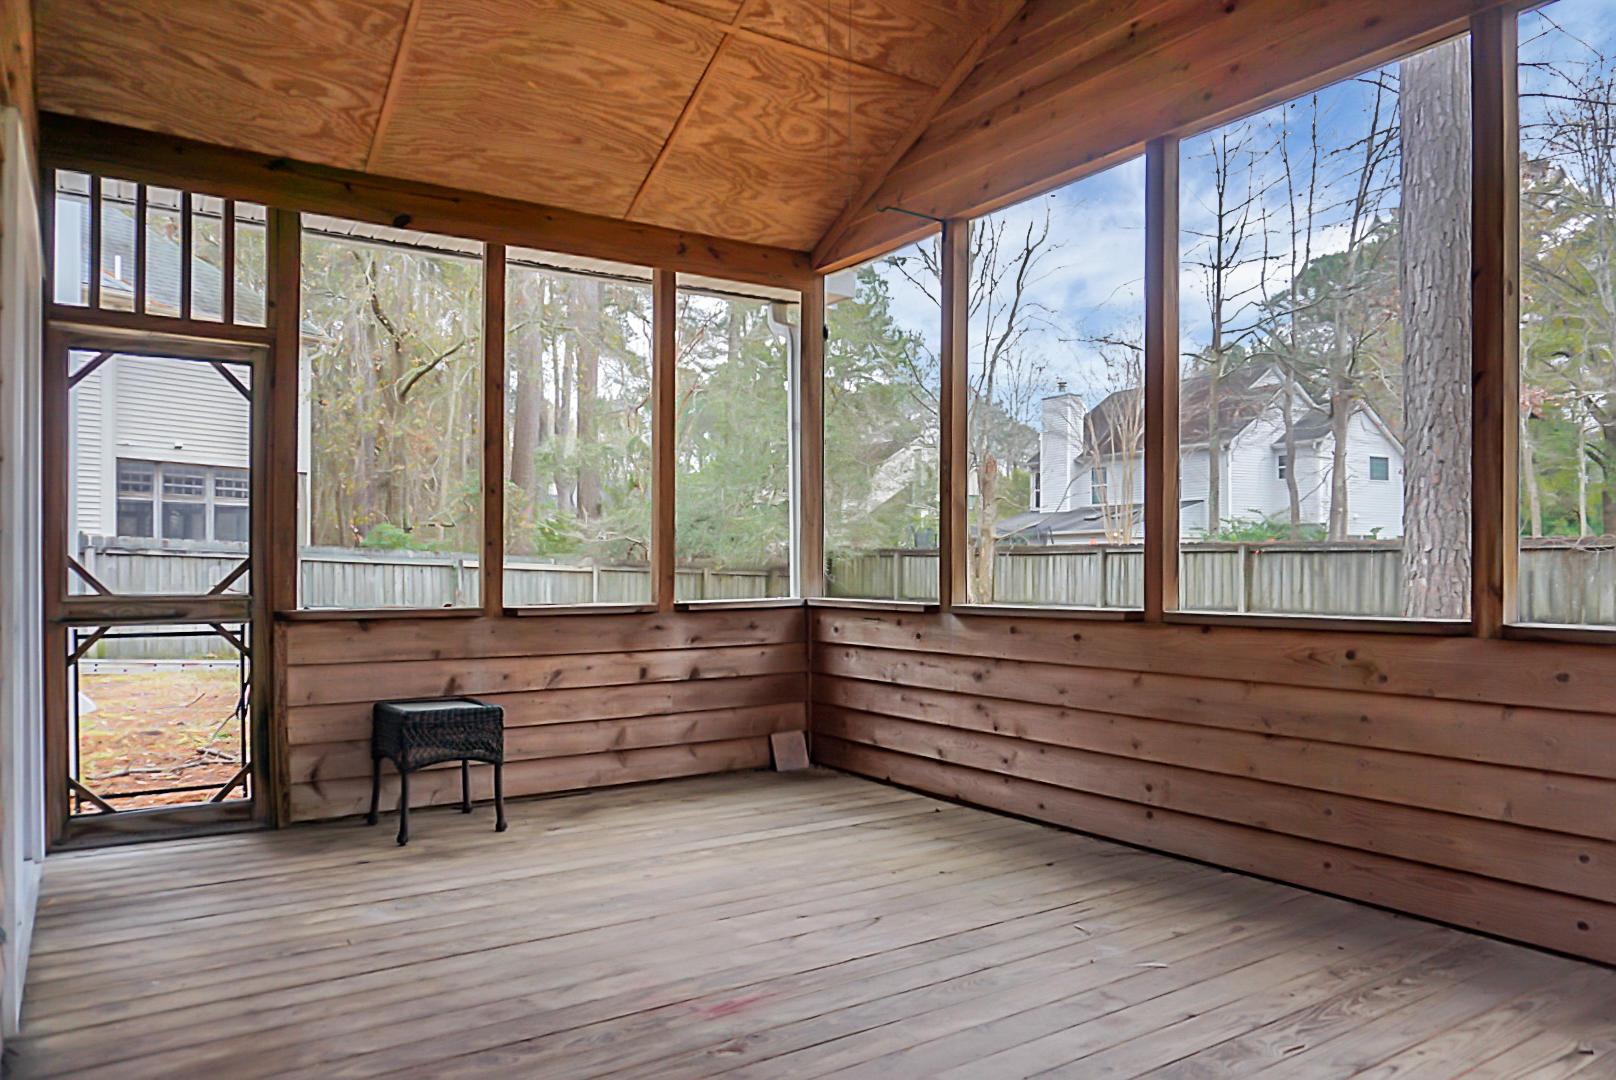 Dunes West Homes For Sale - 3209 Carmel Bay, Mount Pleasant, SC - 35